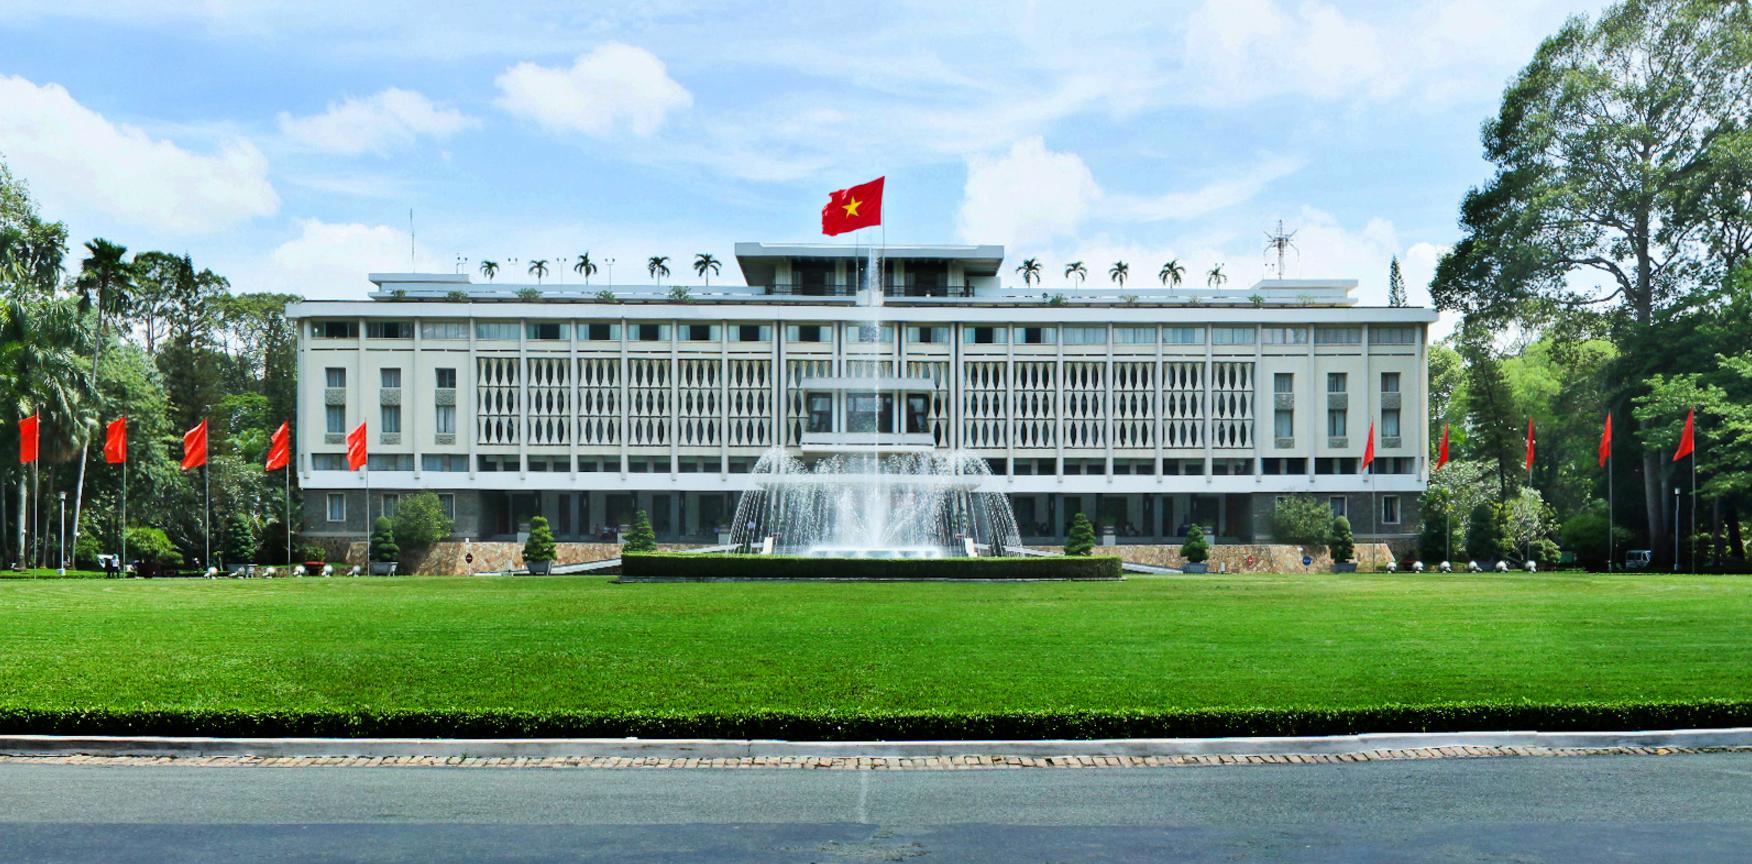 3. Dinh độc lập. Dinh Độc Lập được công nhận là Di tích lịch sử văn hóa quốc gia, được xem như biểu tượng của chiến thắng và hòa bình. Nhờ nét đẹp và ý nghĩ lịch sử lớn lao, Dinh độc lập là một trong những điểm tham quan thu hút nhất tại Sài Gòn.